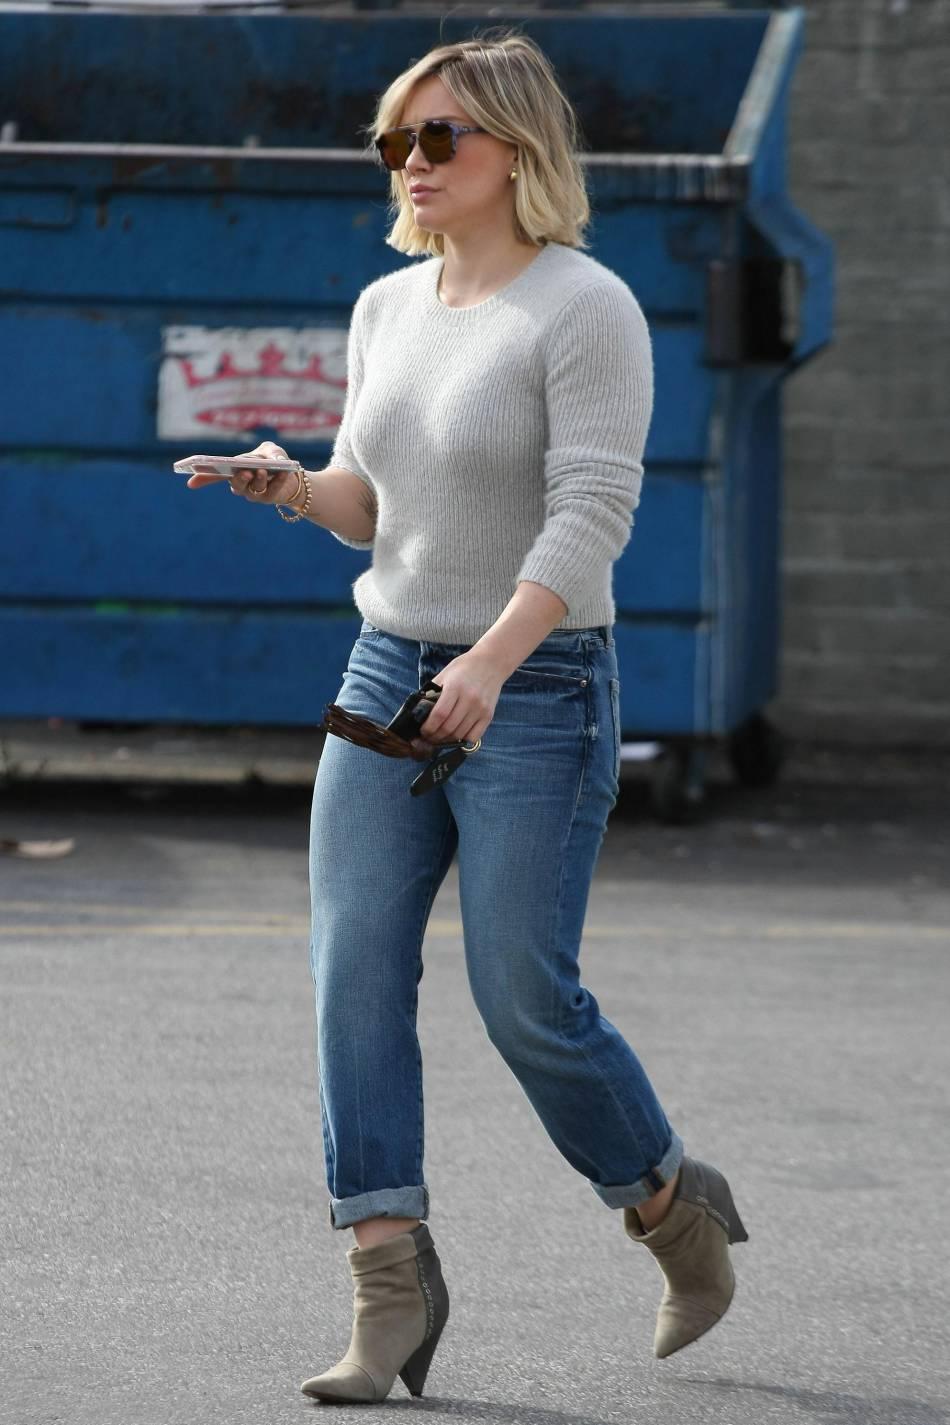 Hilary Duff arbore un look casual pour faire son shopping de Noël à Los Angeles ce jeudi 24 décembre.